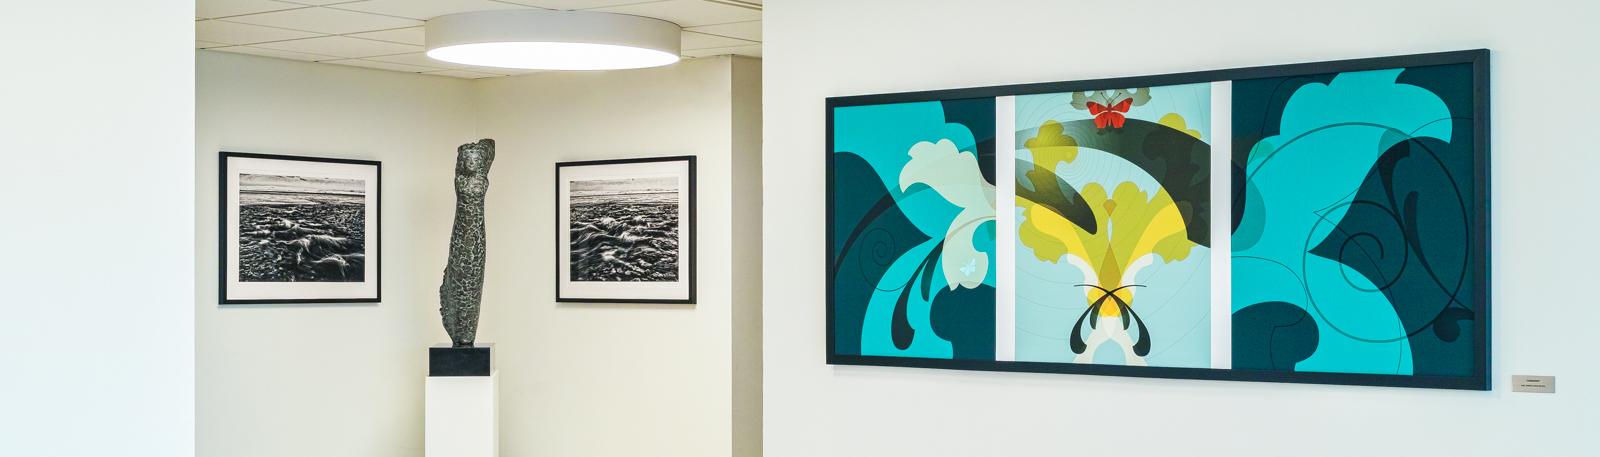 Ocean • Permanent Installation Repvåg Kraftlag